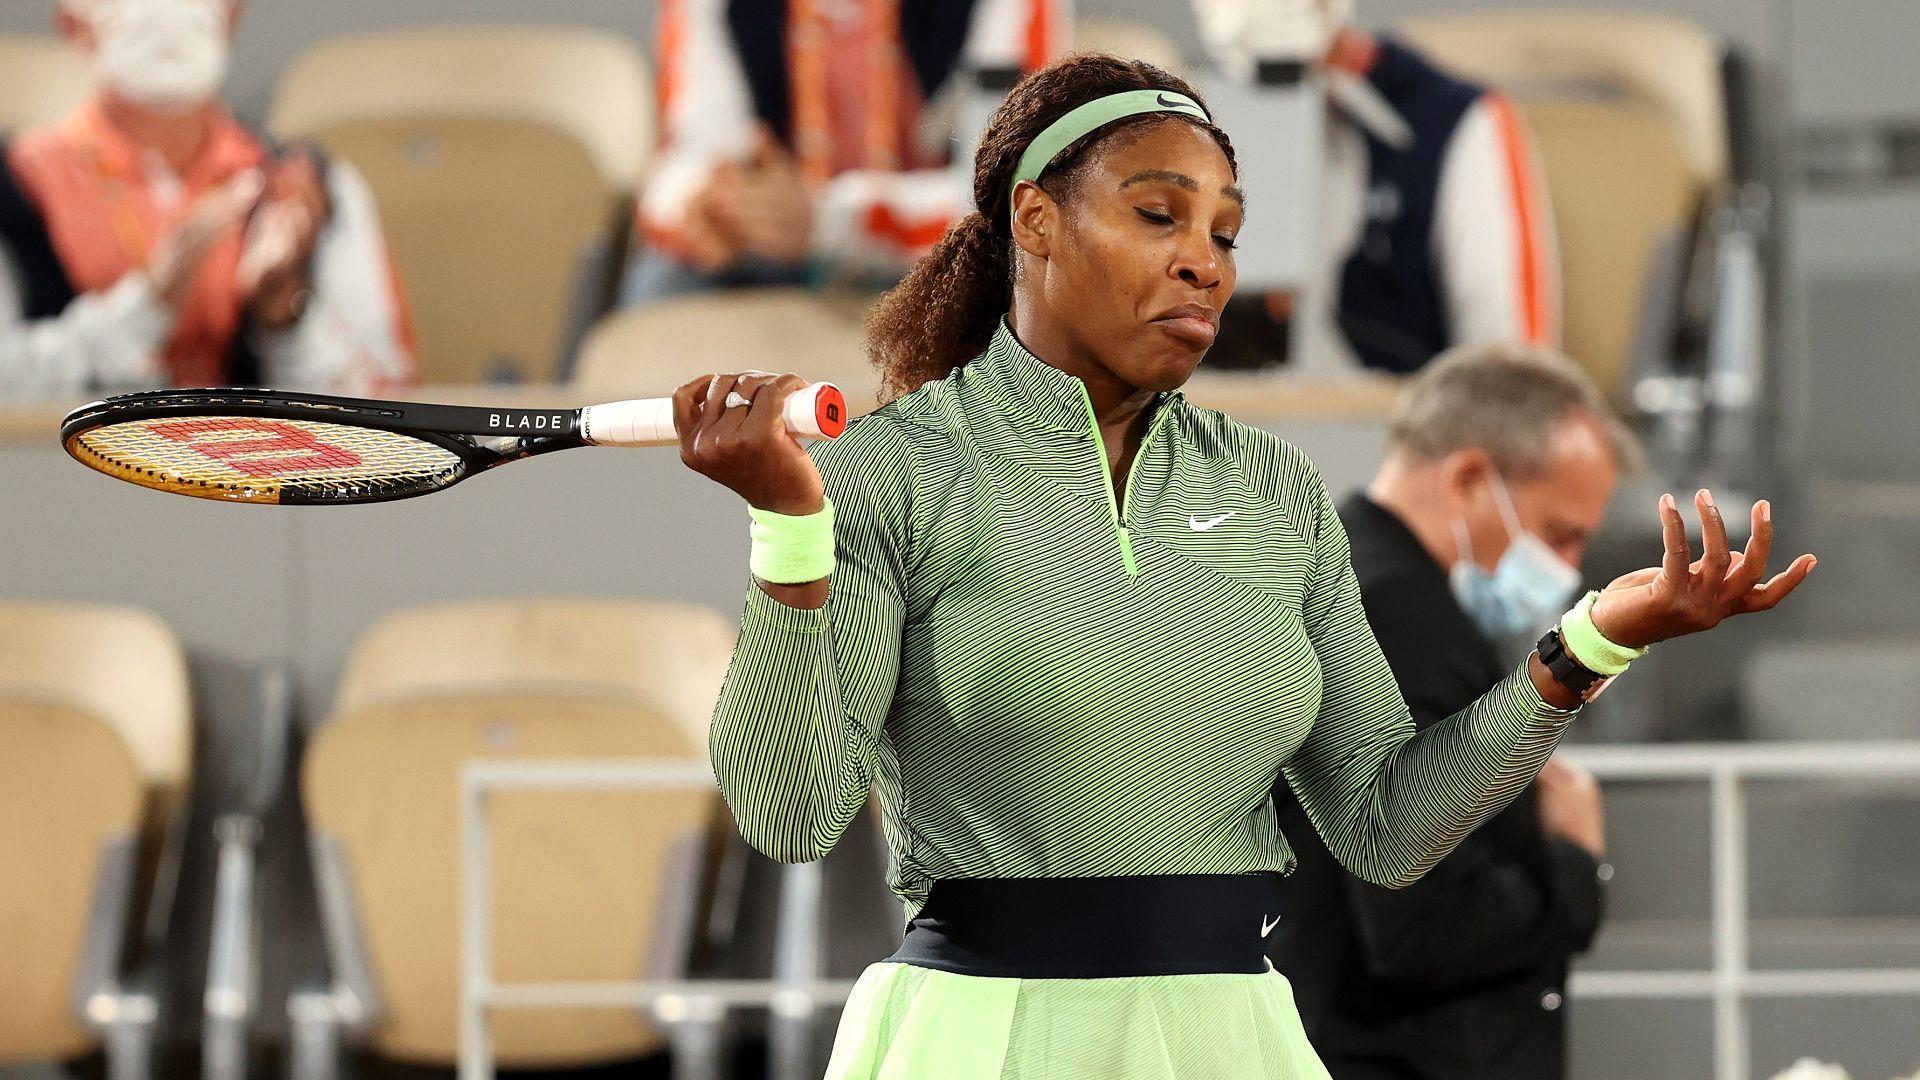 Серина е поредната тенис звезда, която отказва Олимпиадата